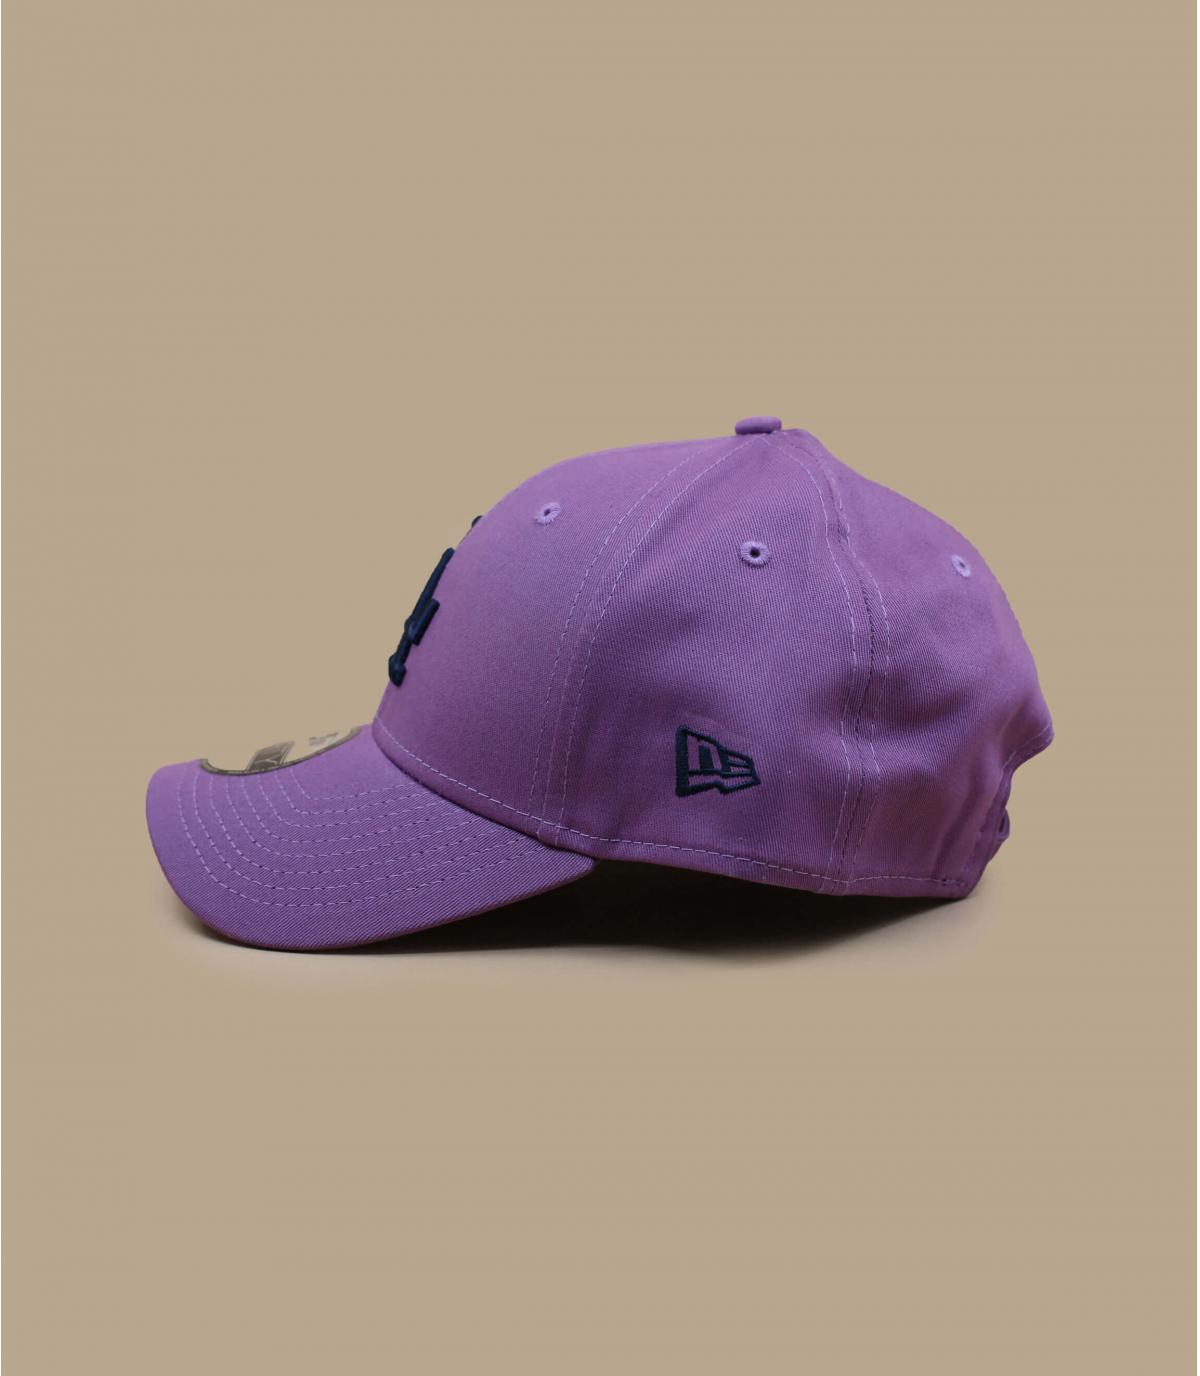 Détails Casquette League Ess LA 940 purple nitro navy - image 3